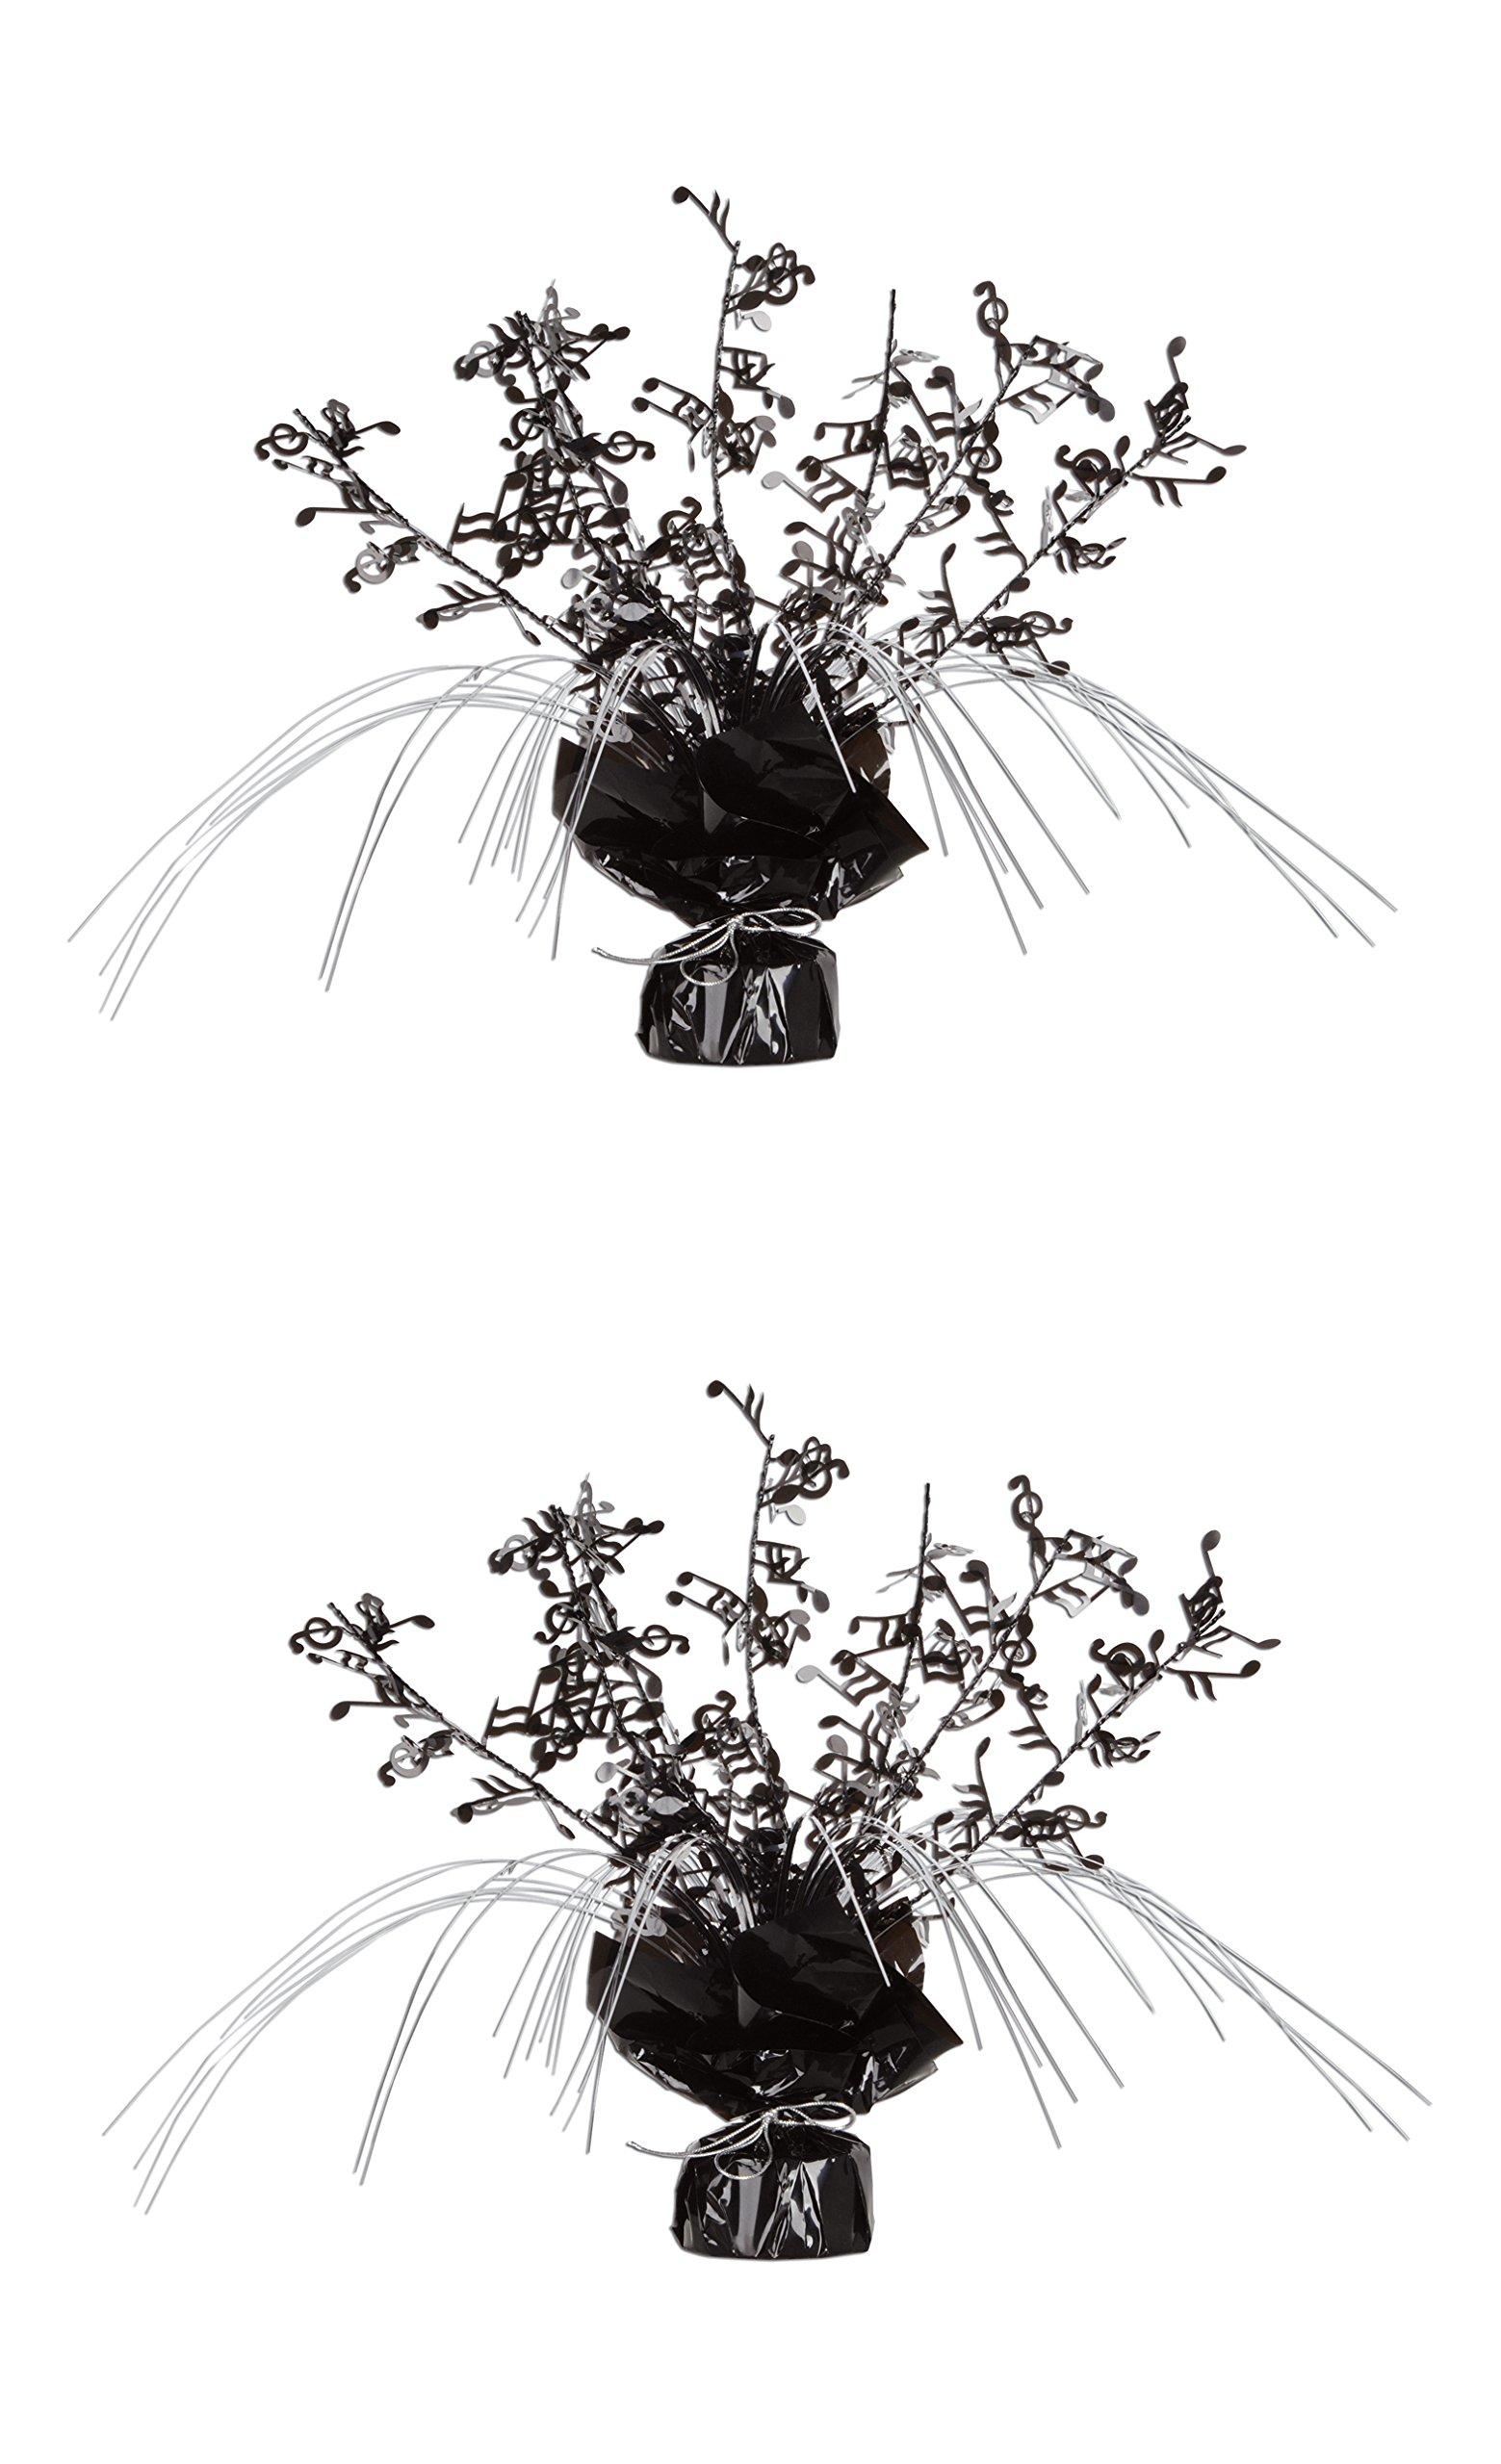 Beistle S57921AZ2, 2 Piece Musical Notes Gleam 'N Spray Centerpieces, 11'' (Black/Silver)